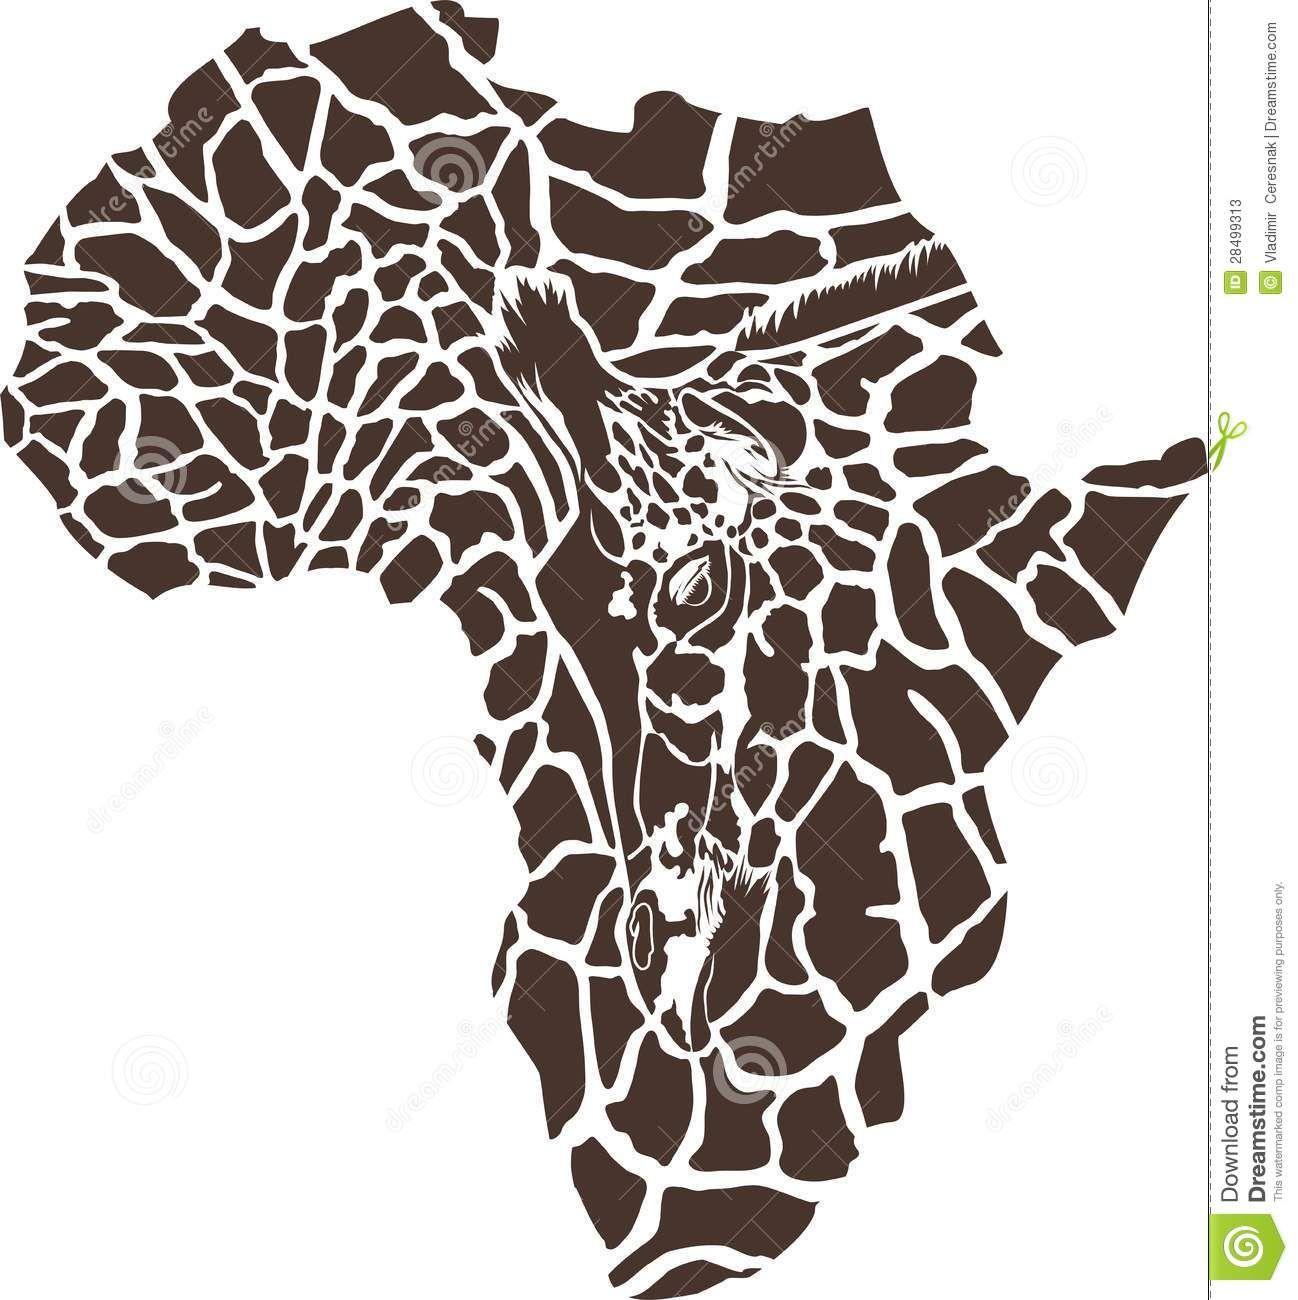 Carte Afrique Vectorielle.Resultat De Recherche D Images Pour Tatouage Carte De L